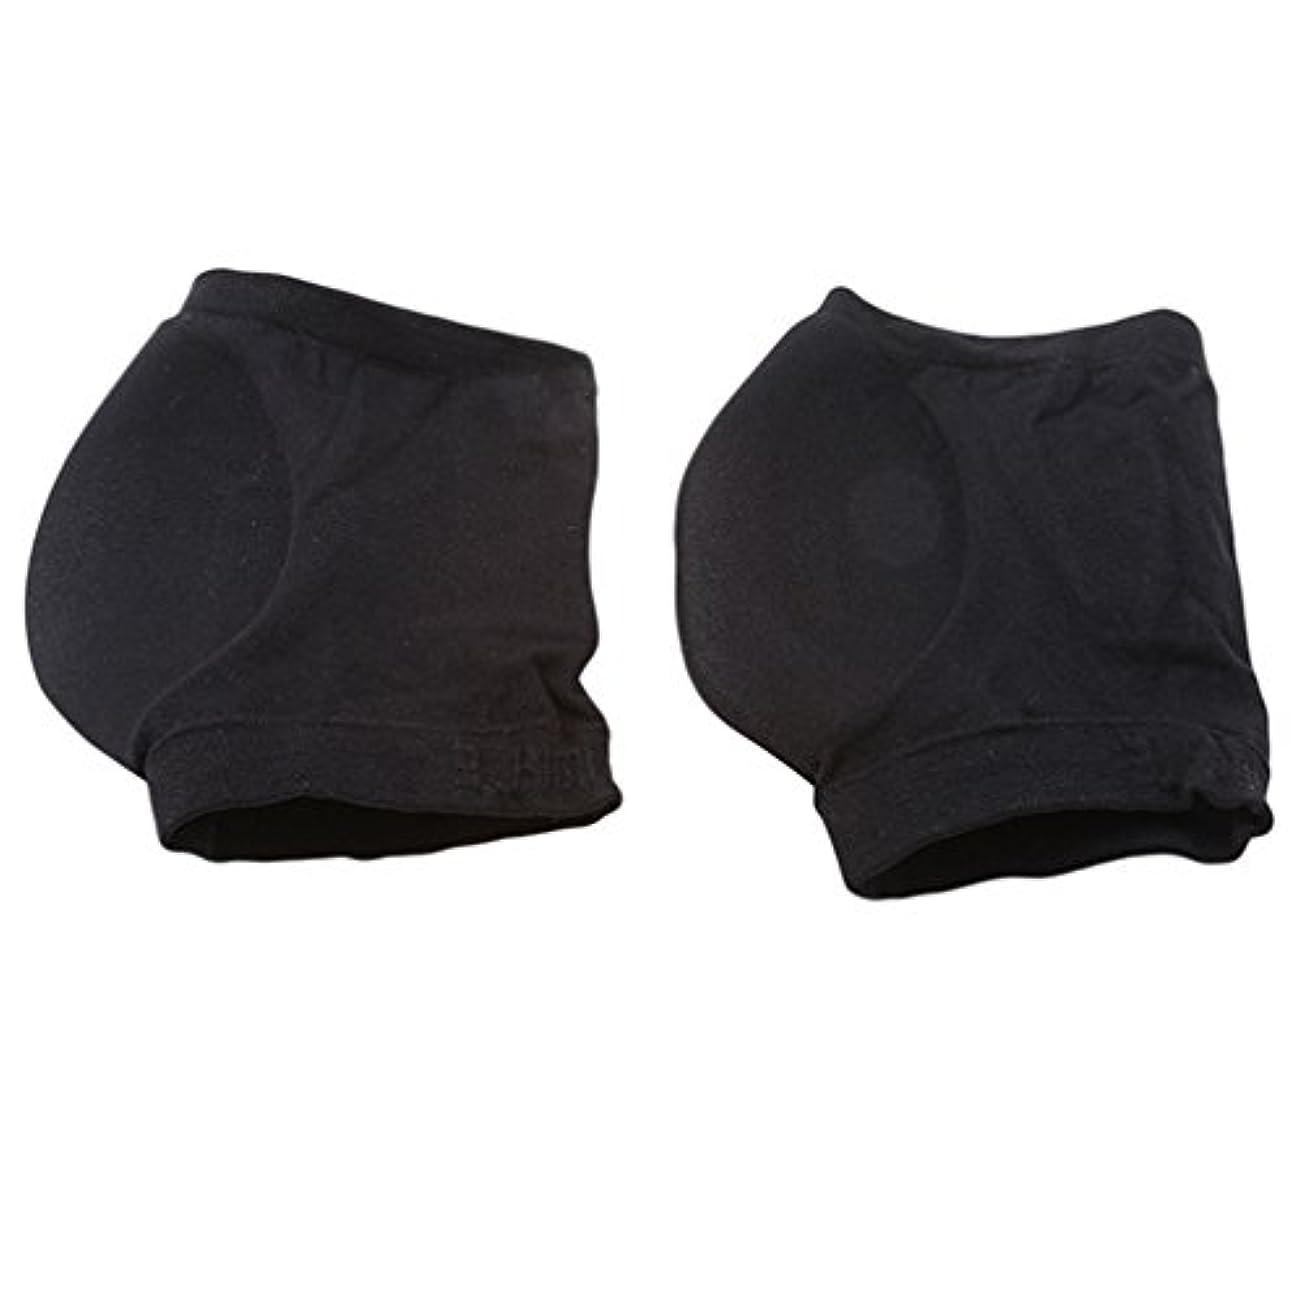 兵隊行動謎HKUN 靴下 ソックス かかとケア 角質ケア 保湿 角質除去 足首用 洗える メンズ レディース S-L